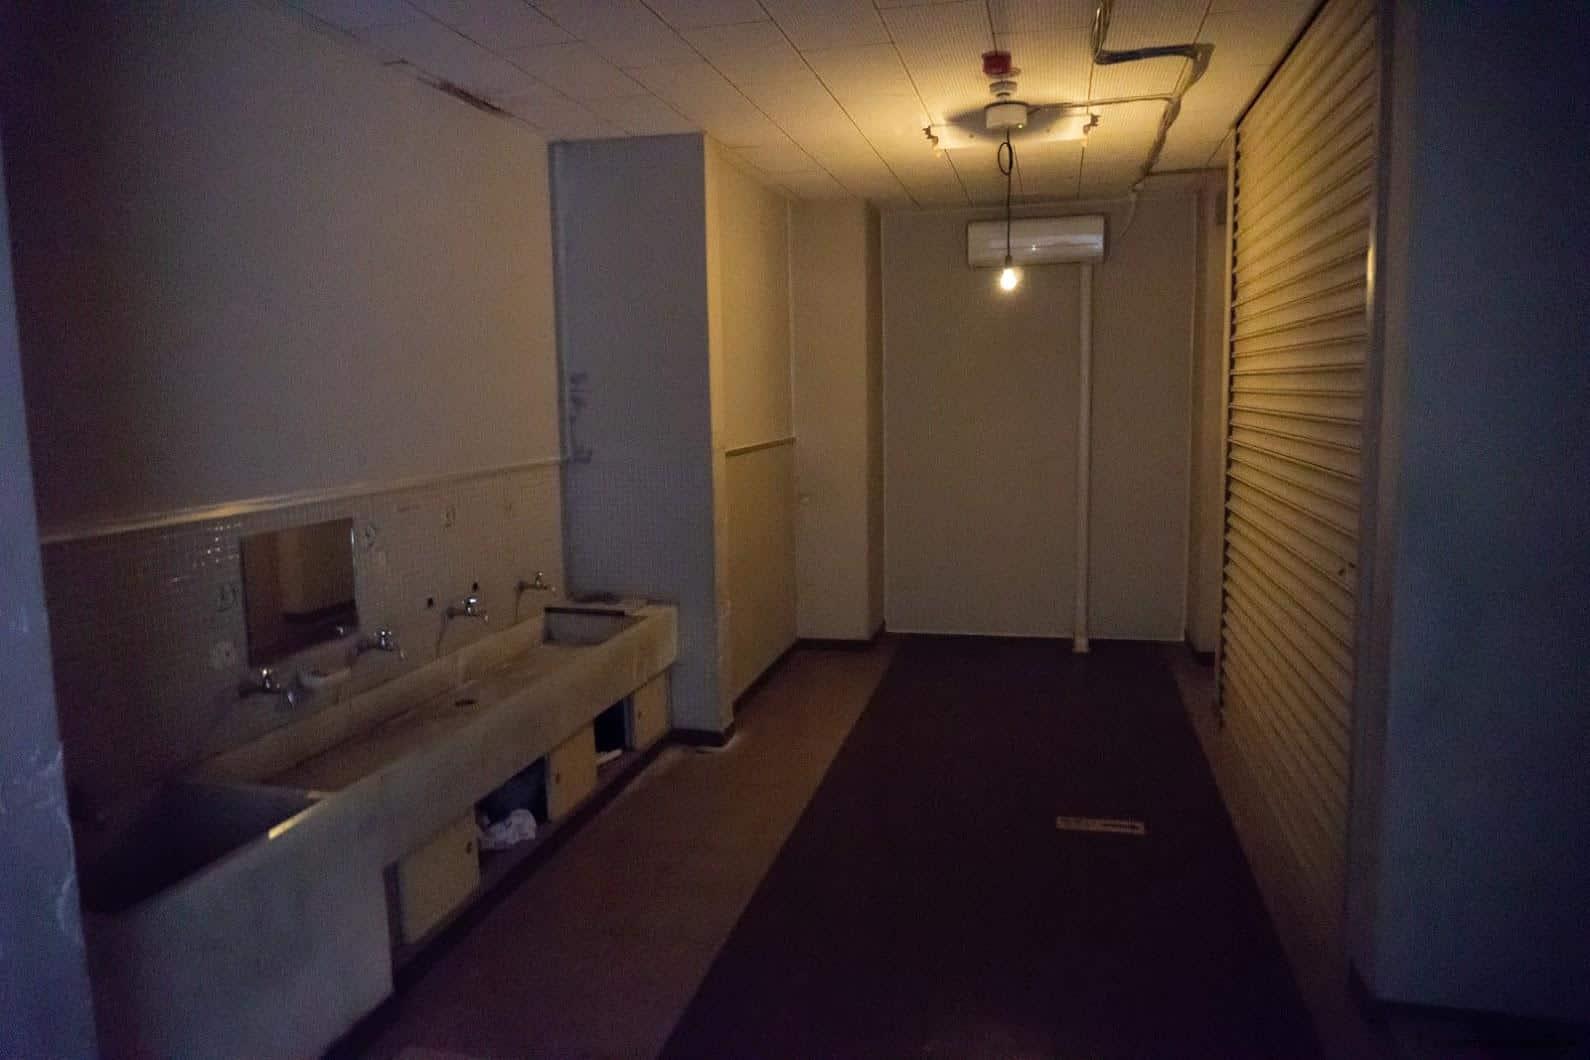 克利斯蒂安‧波爾坦斯基+將‧卡爾曼,最後的教室,一盞垂落的燈、拉子的鐵門,昏暗燈光隨著燈泡擺盪,讓我想到「沉默之丘Silent Hill」的遊戲場景設定,彷彿隨時都會變成裡世界(抖)... 最後的教室 最後的教室 the last class 09